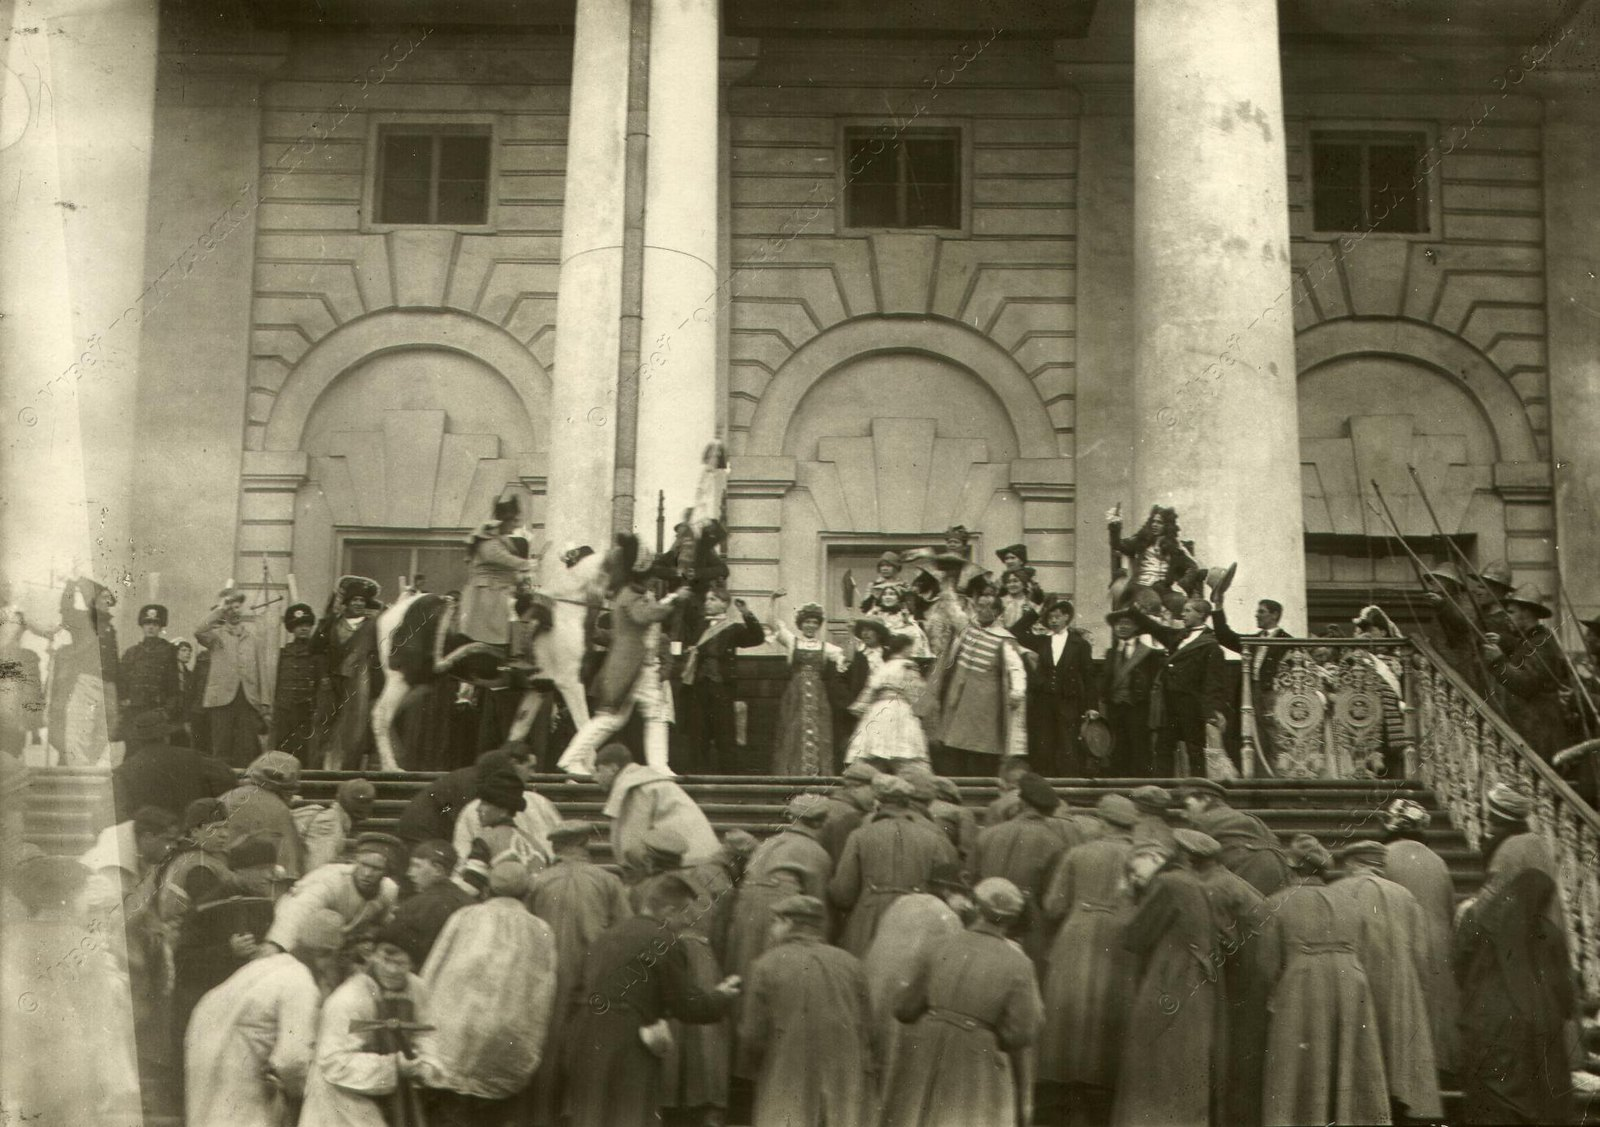 1920. Сцены из спектакля Освобожденный труд. Мистерия поставлена 1 Мая у Фондовой Биржи